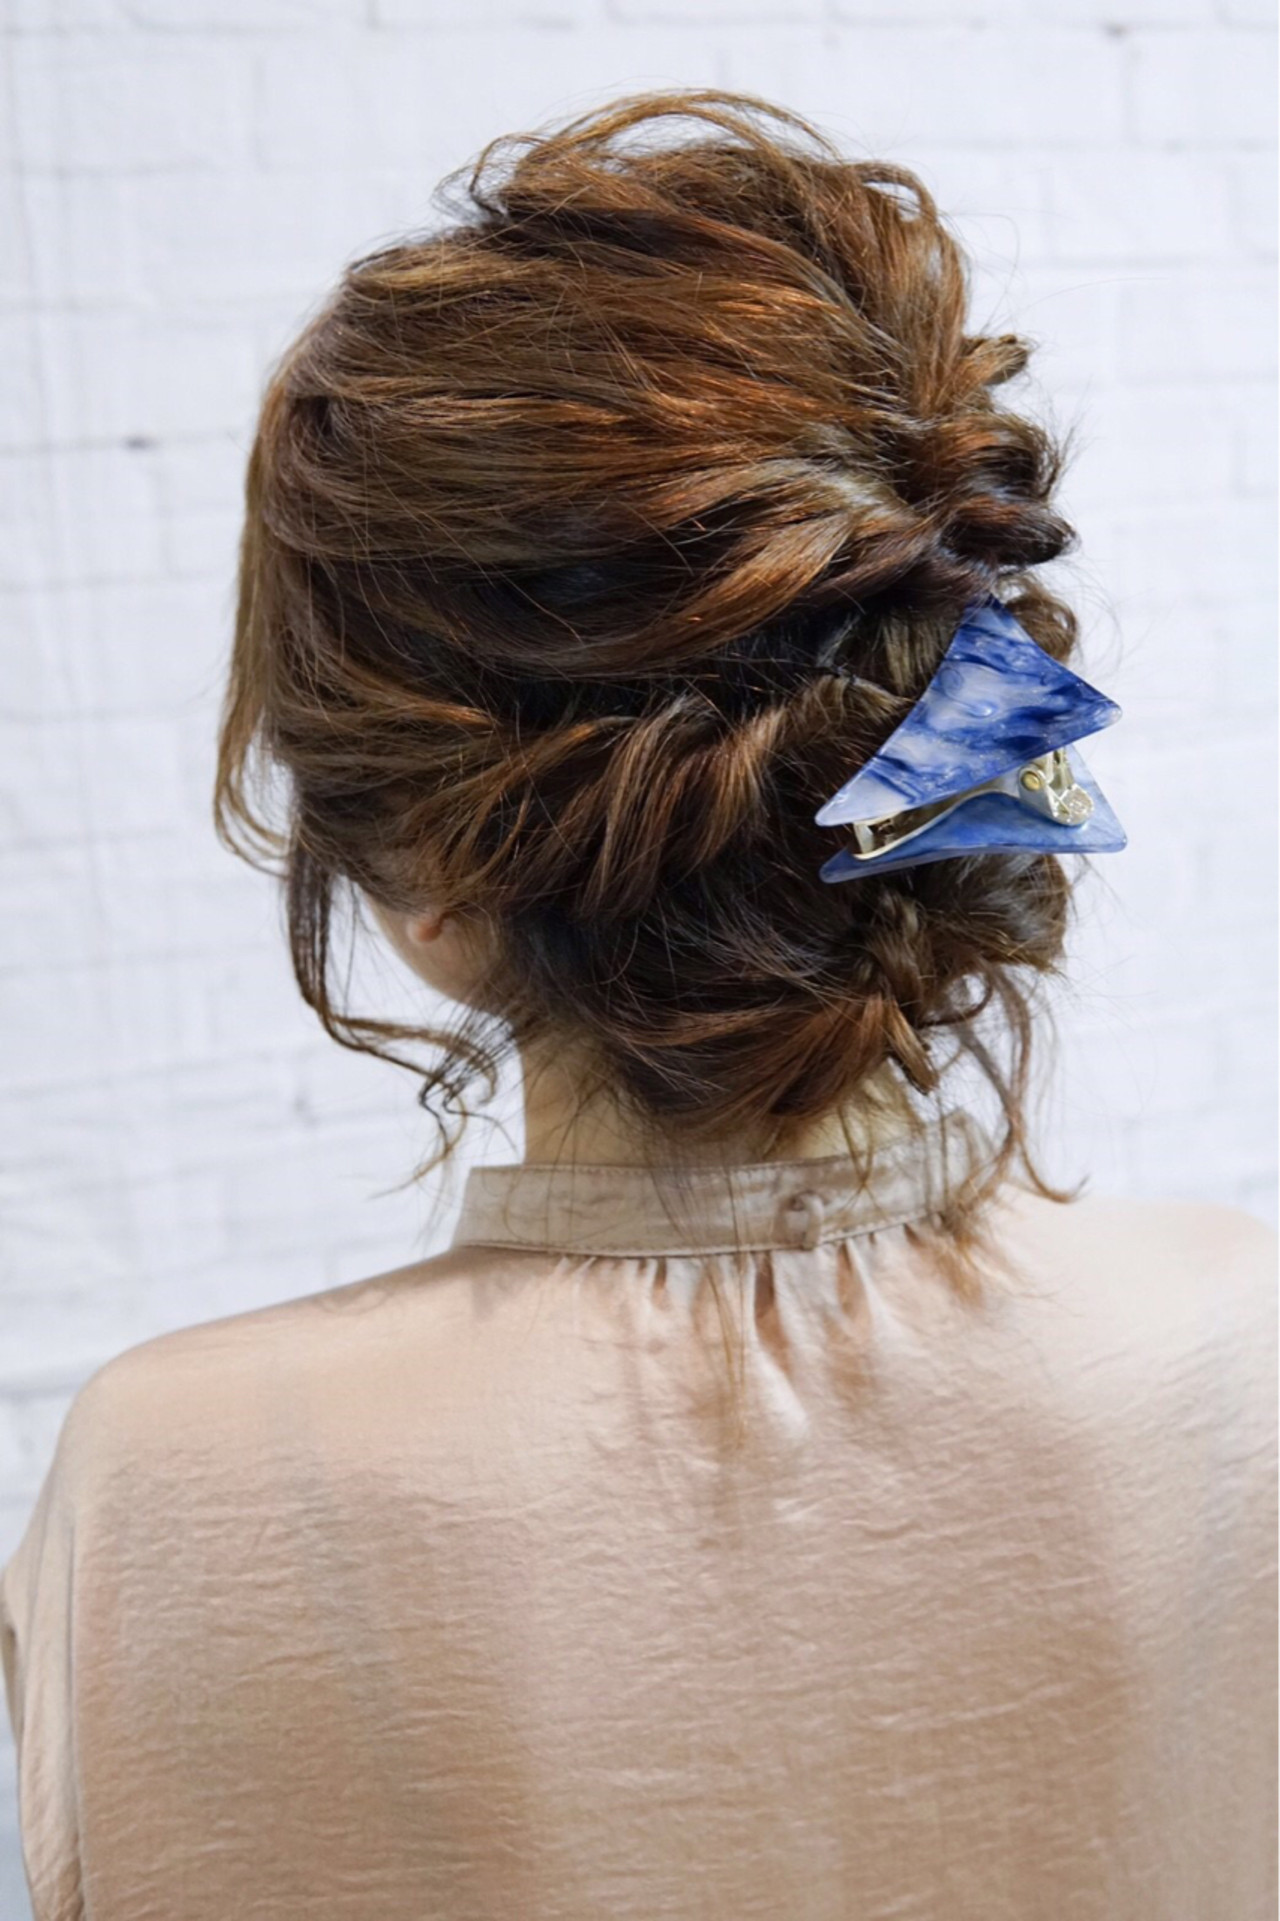 かわいいヘアスタイルまとめ♡今一番旬な女の子の髪型はこれ♪ Riiina✩りいな